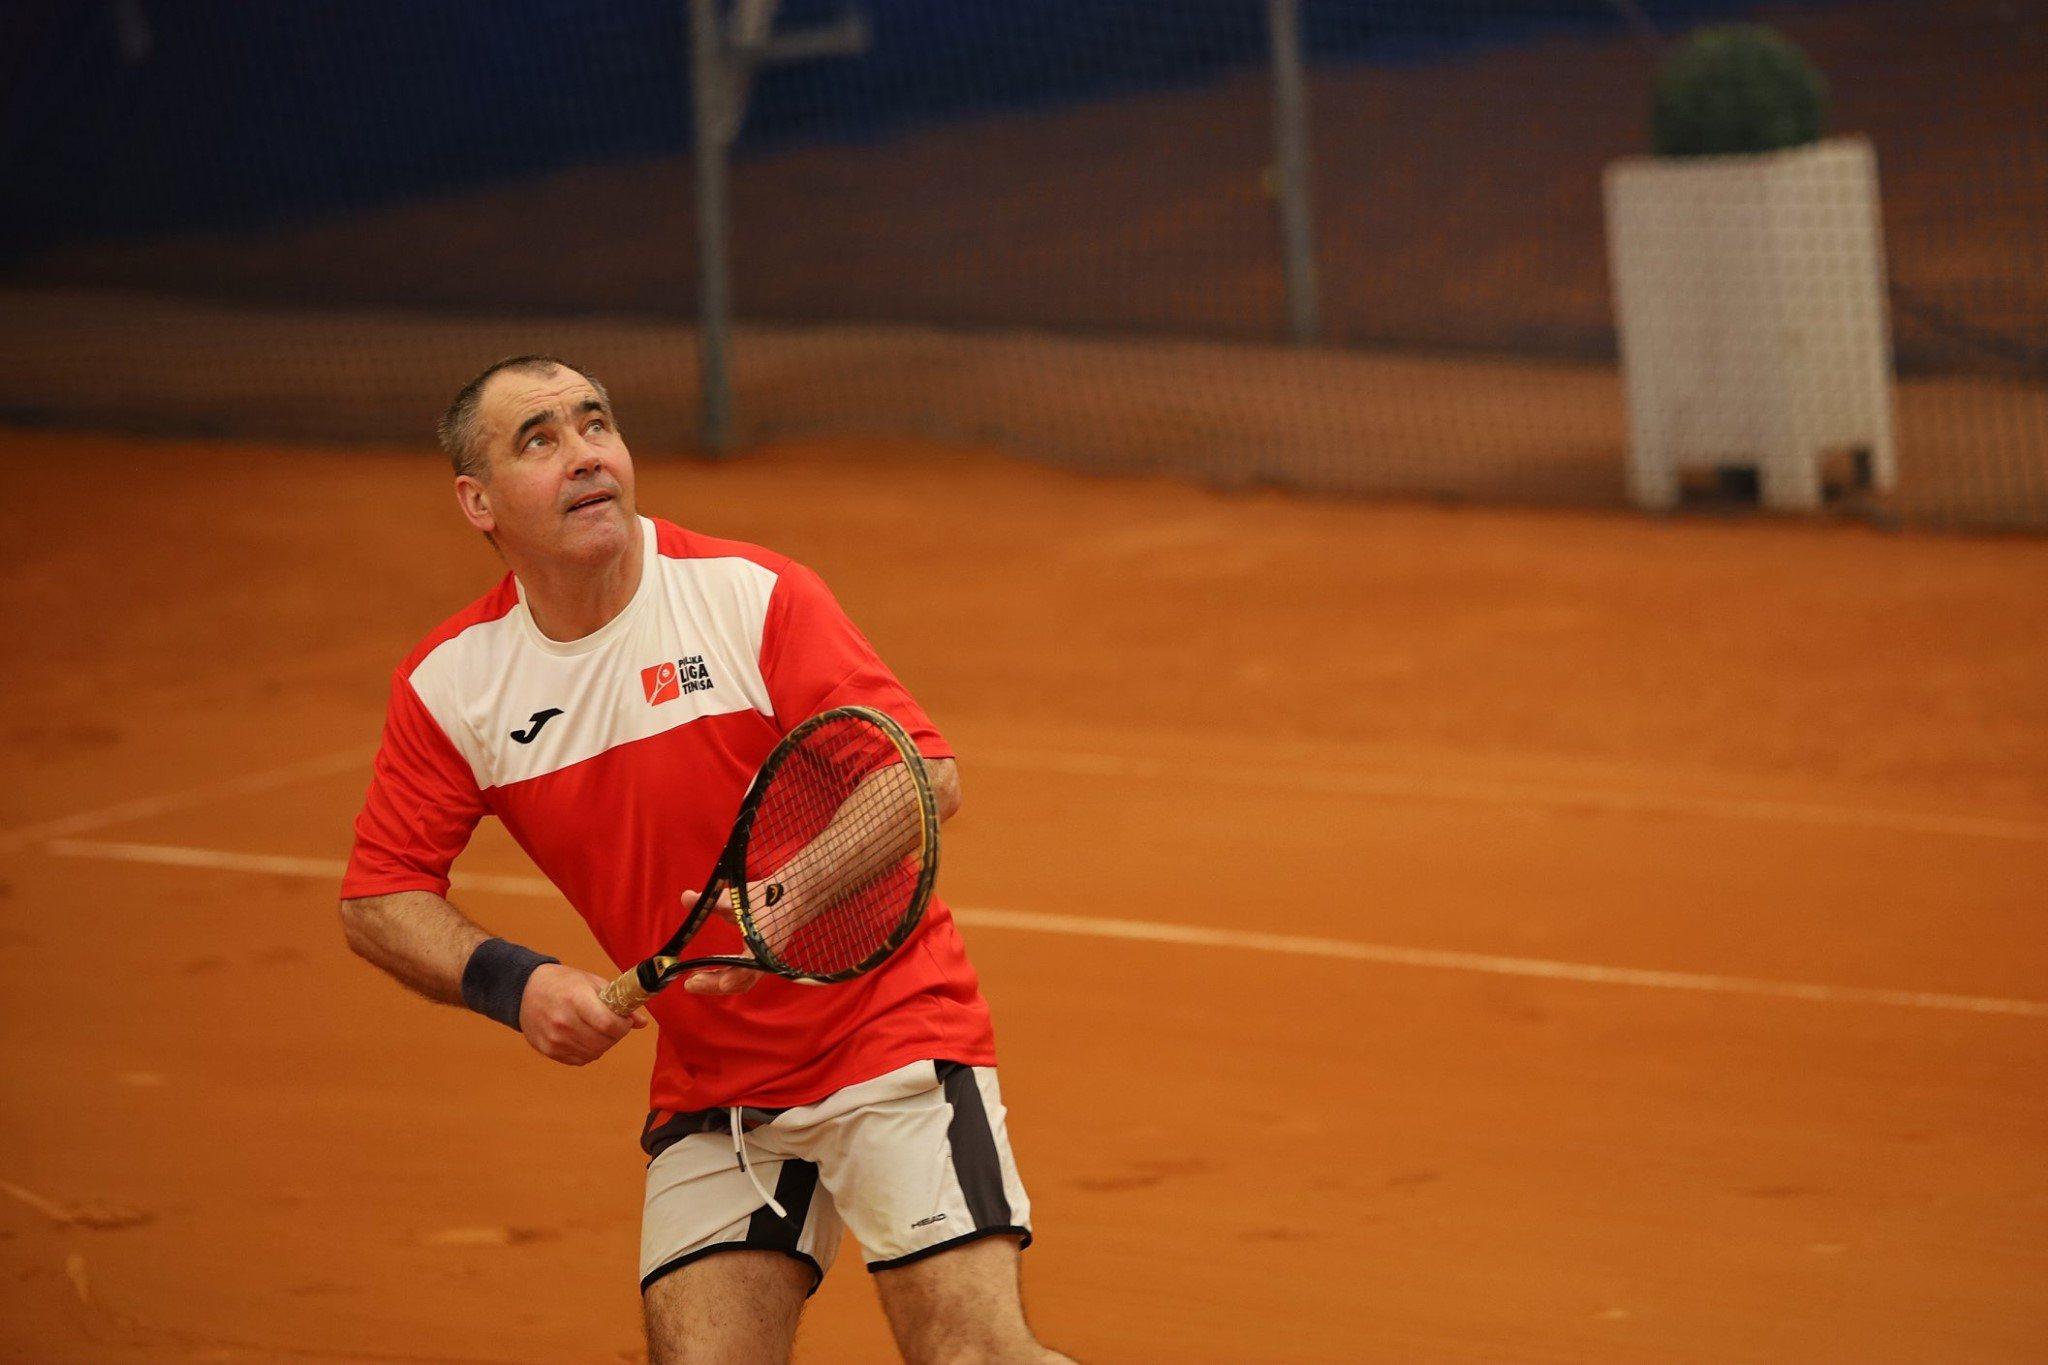 Majówka z Polską Ligą Tenisa. Turnieje w pięciu miastach na różnych poziomach umiejętności!